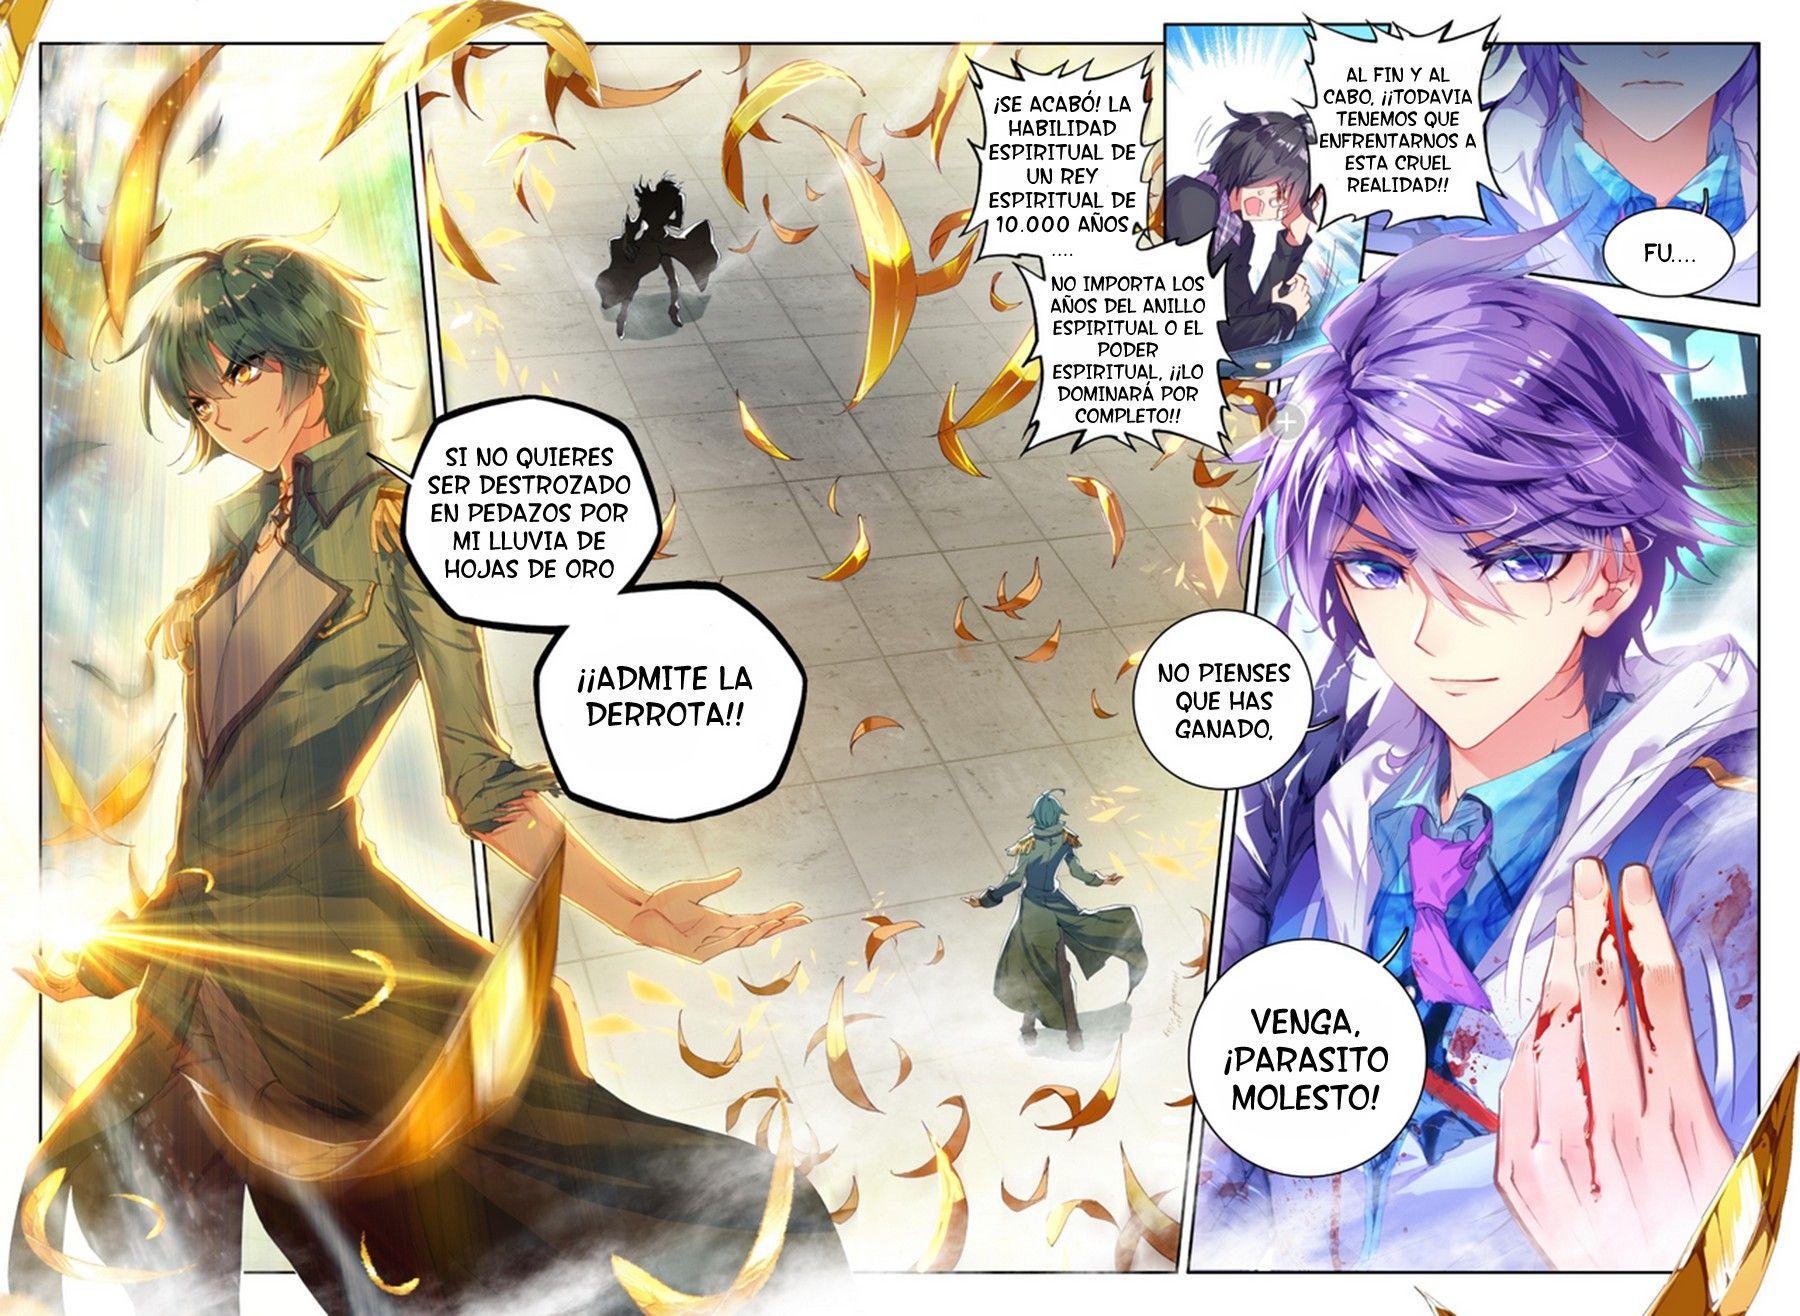 http://c5.ninemanga.com/es_manga/33/16417/476183/466db9fb788b8edd0537c821cc55fd95.jpg Page 2